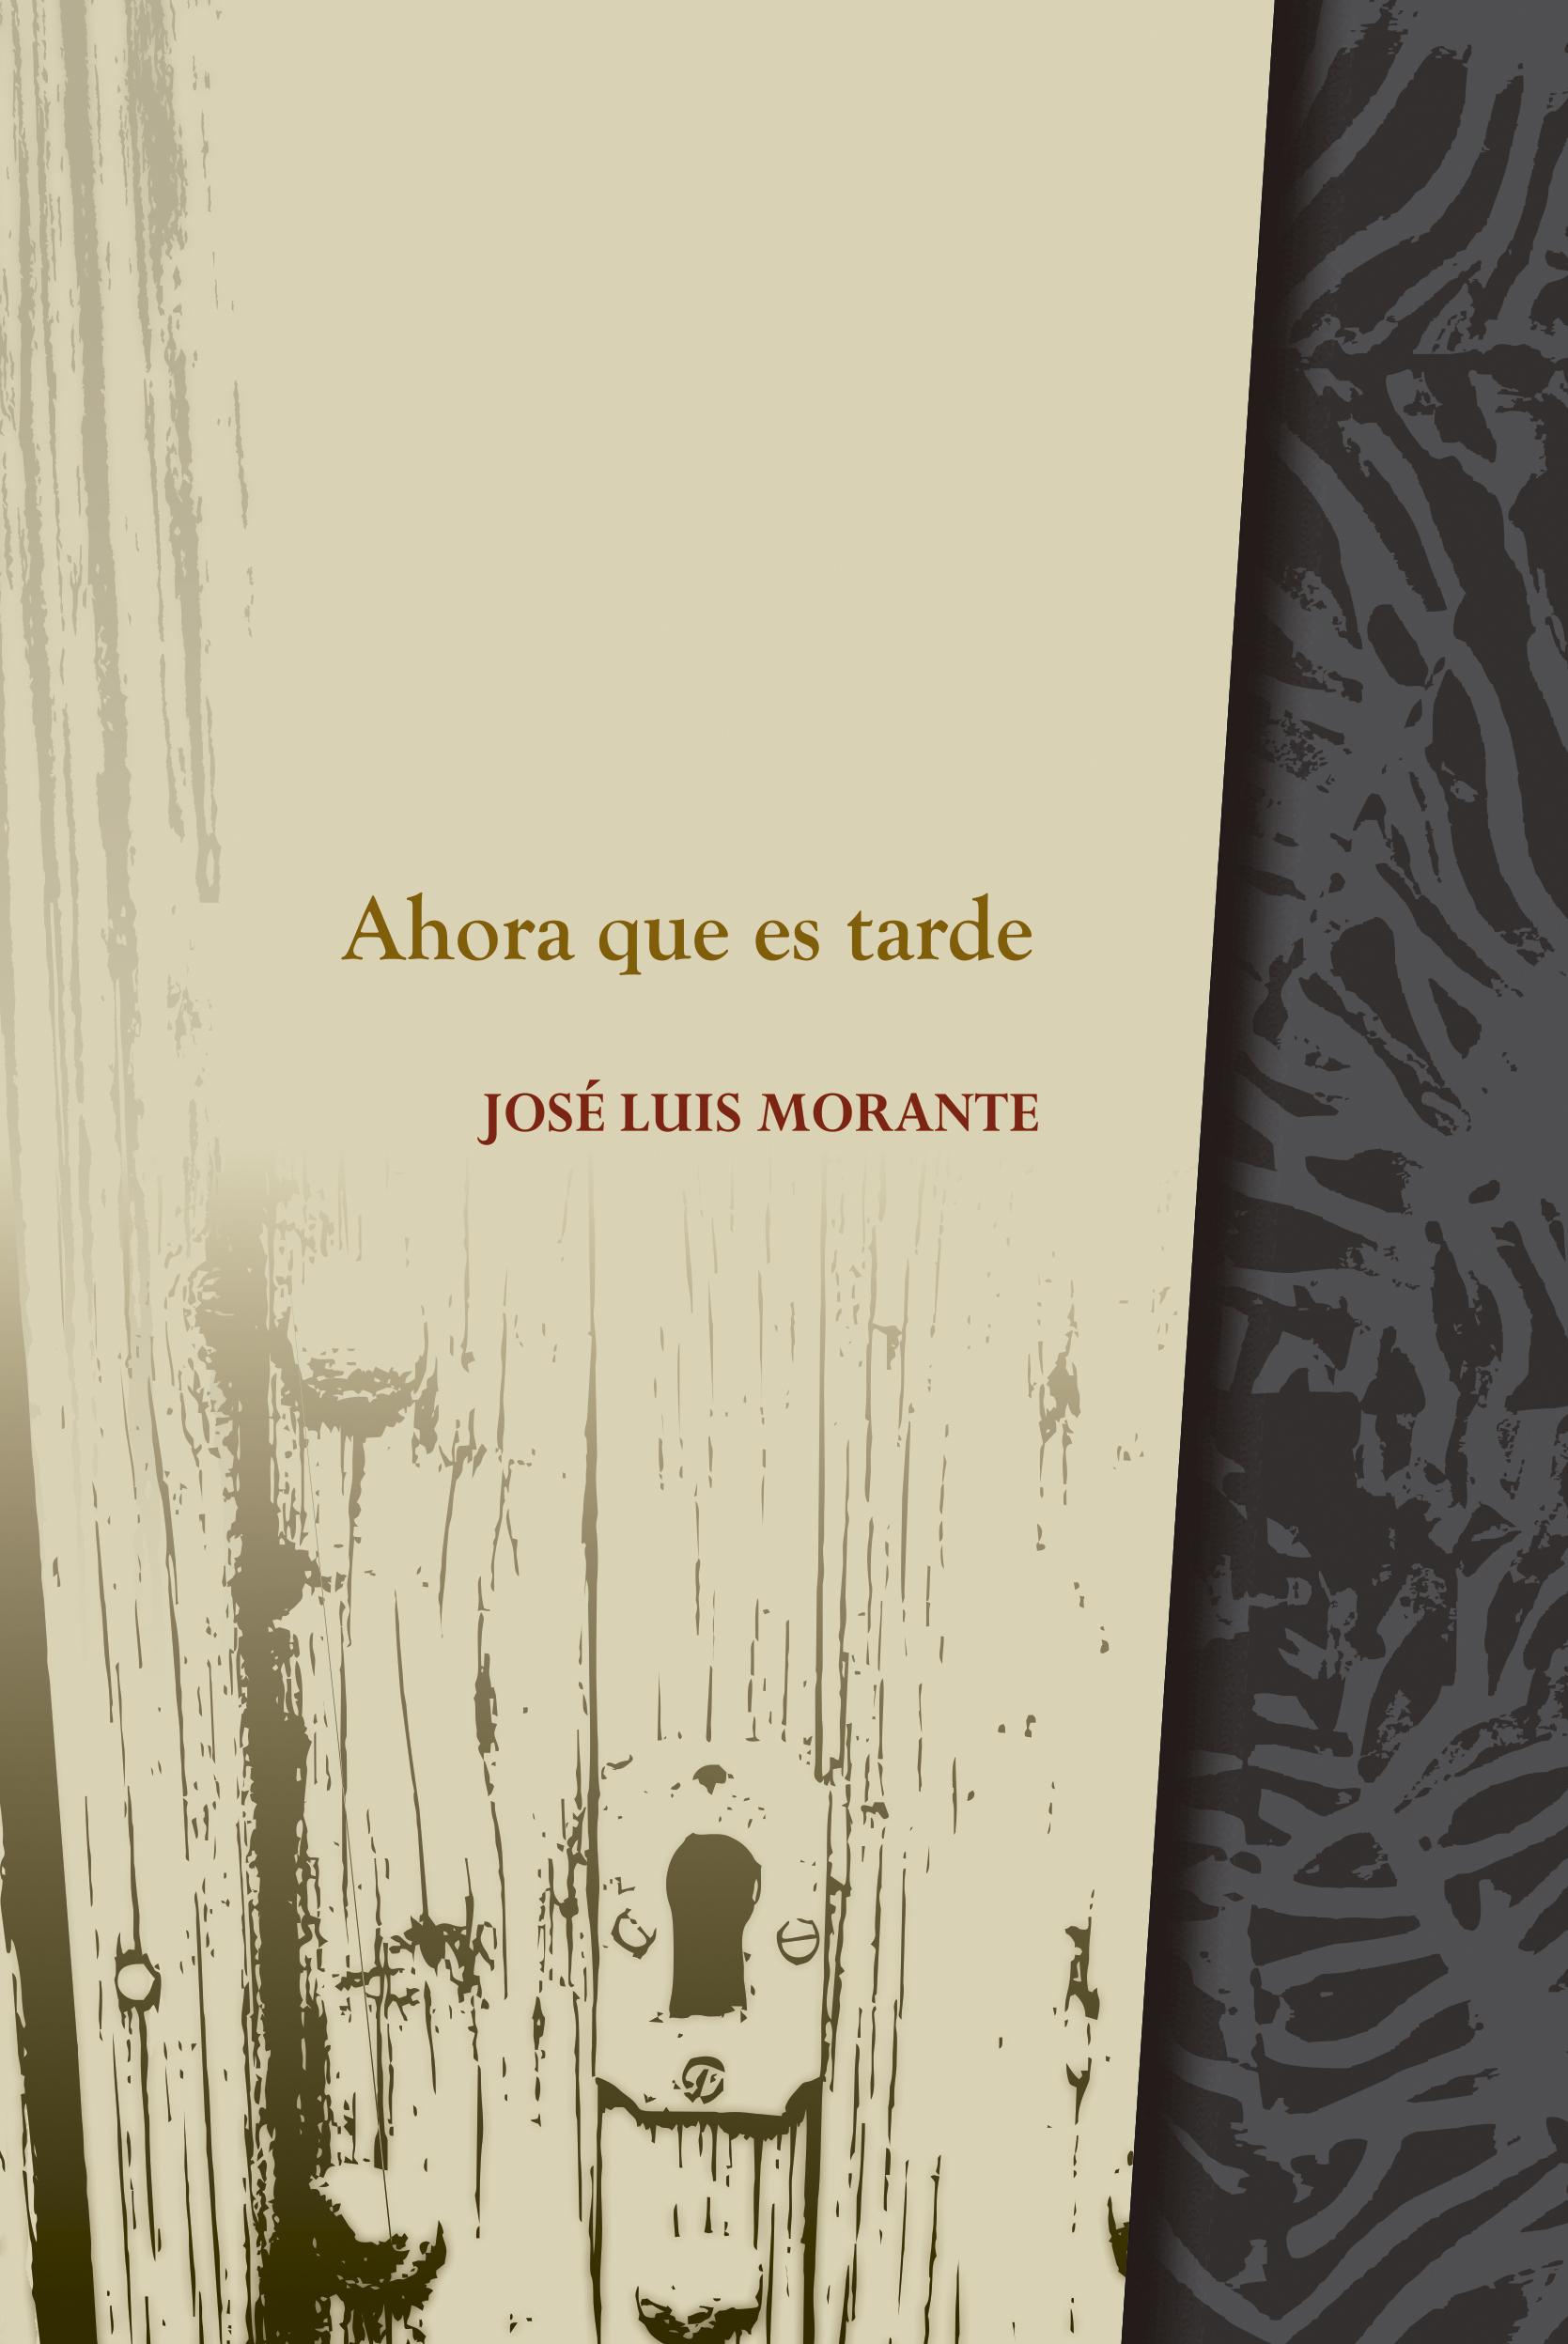 Ahora que es tarde - José Luis Morante | La Garúa Poesía